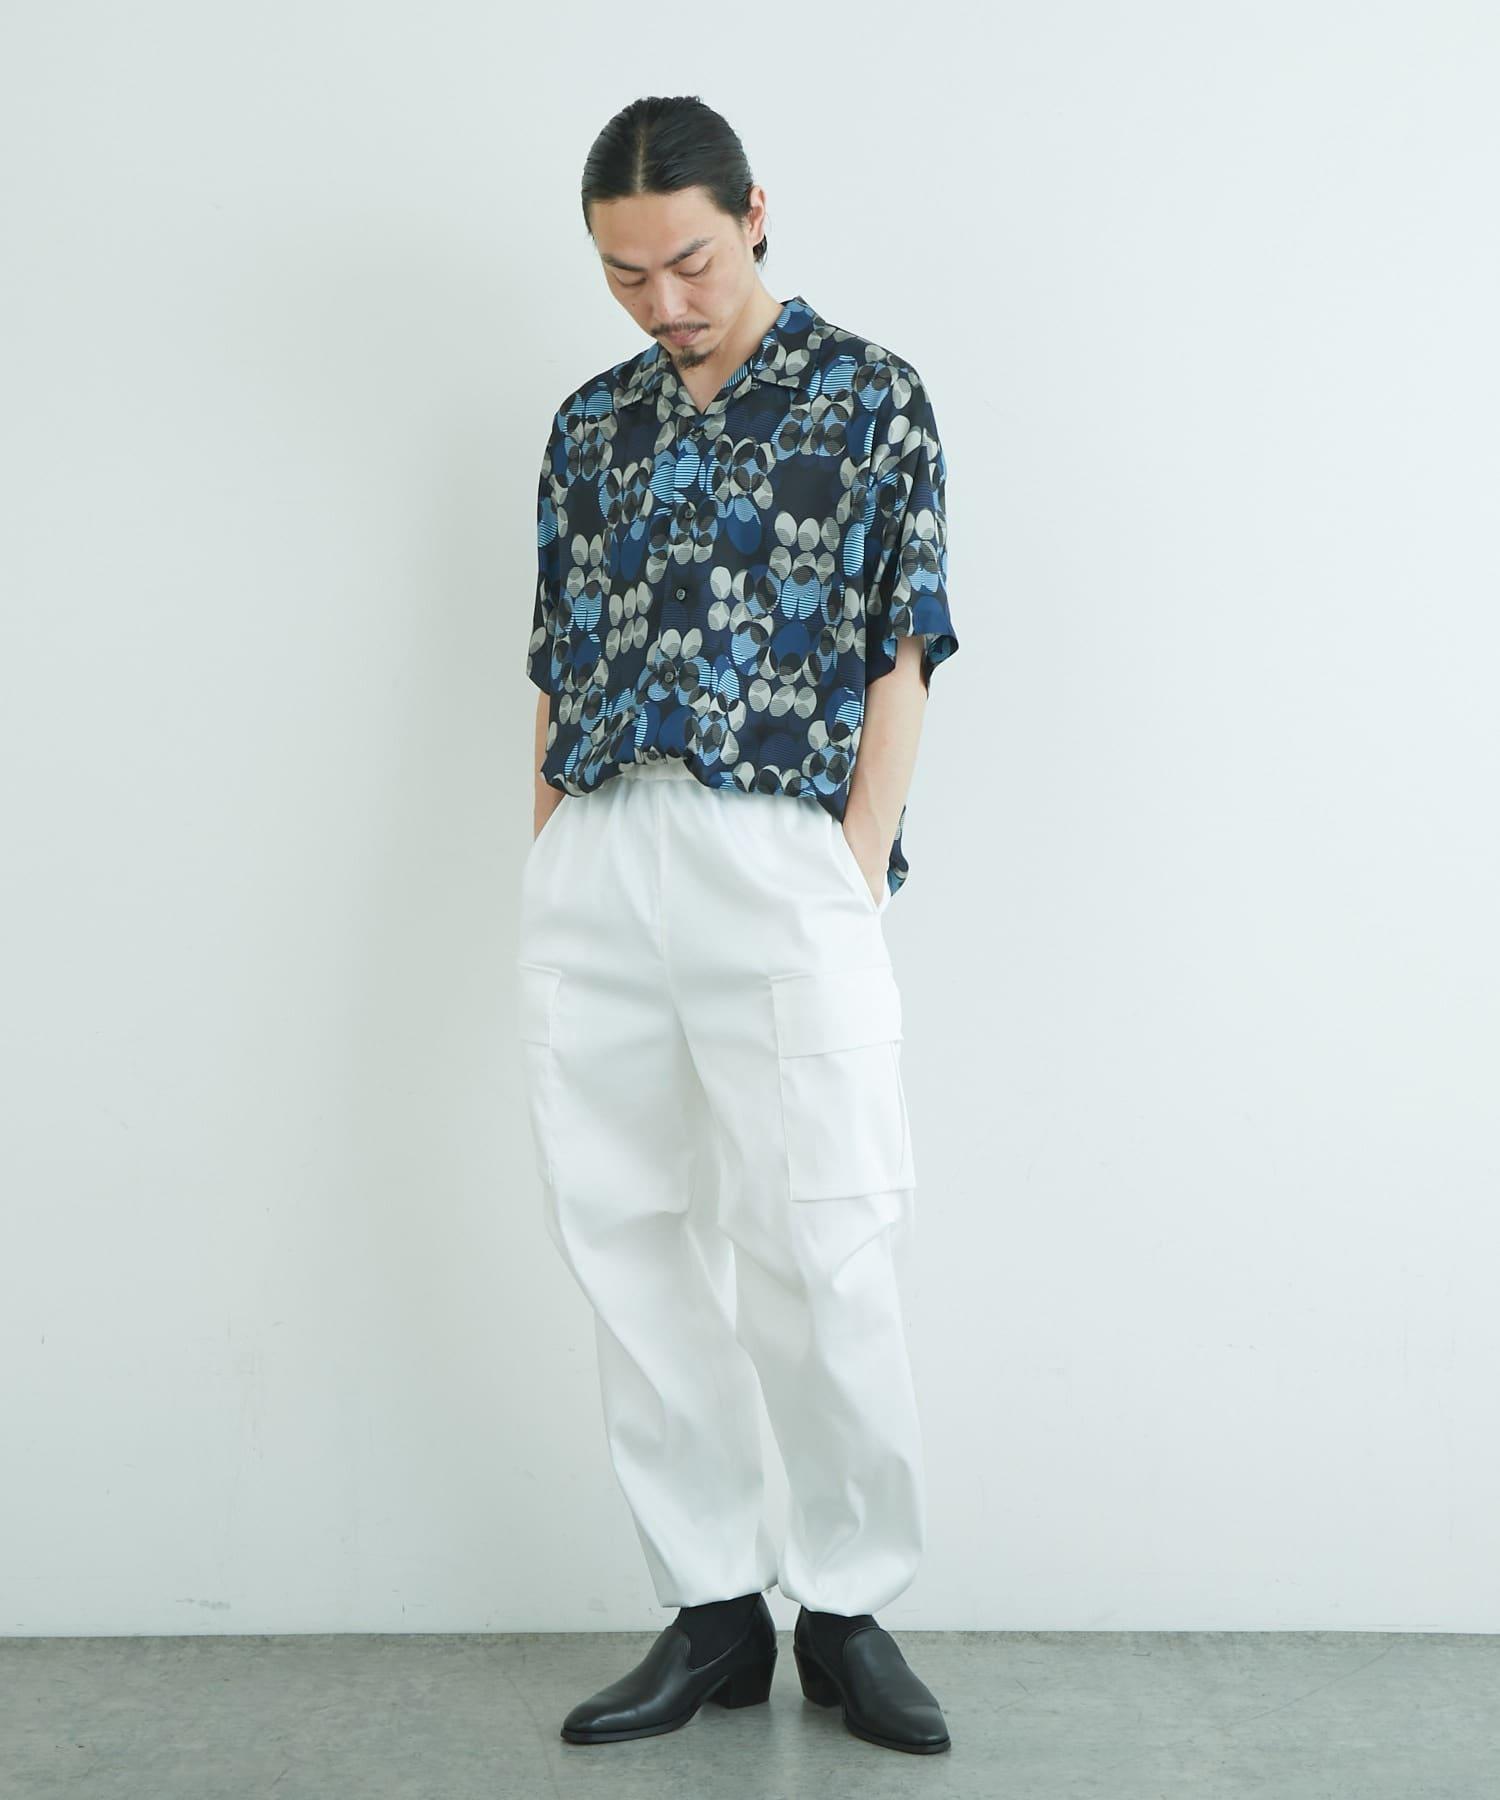 Lui's(ルイス) オリジナルヴィンテージドット柄オープンカラーシャツ